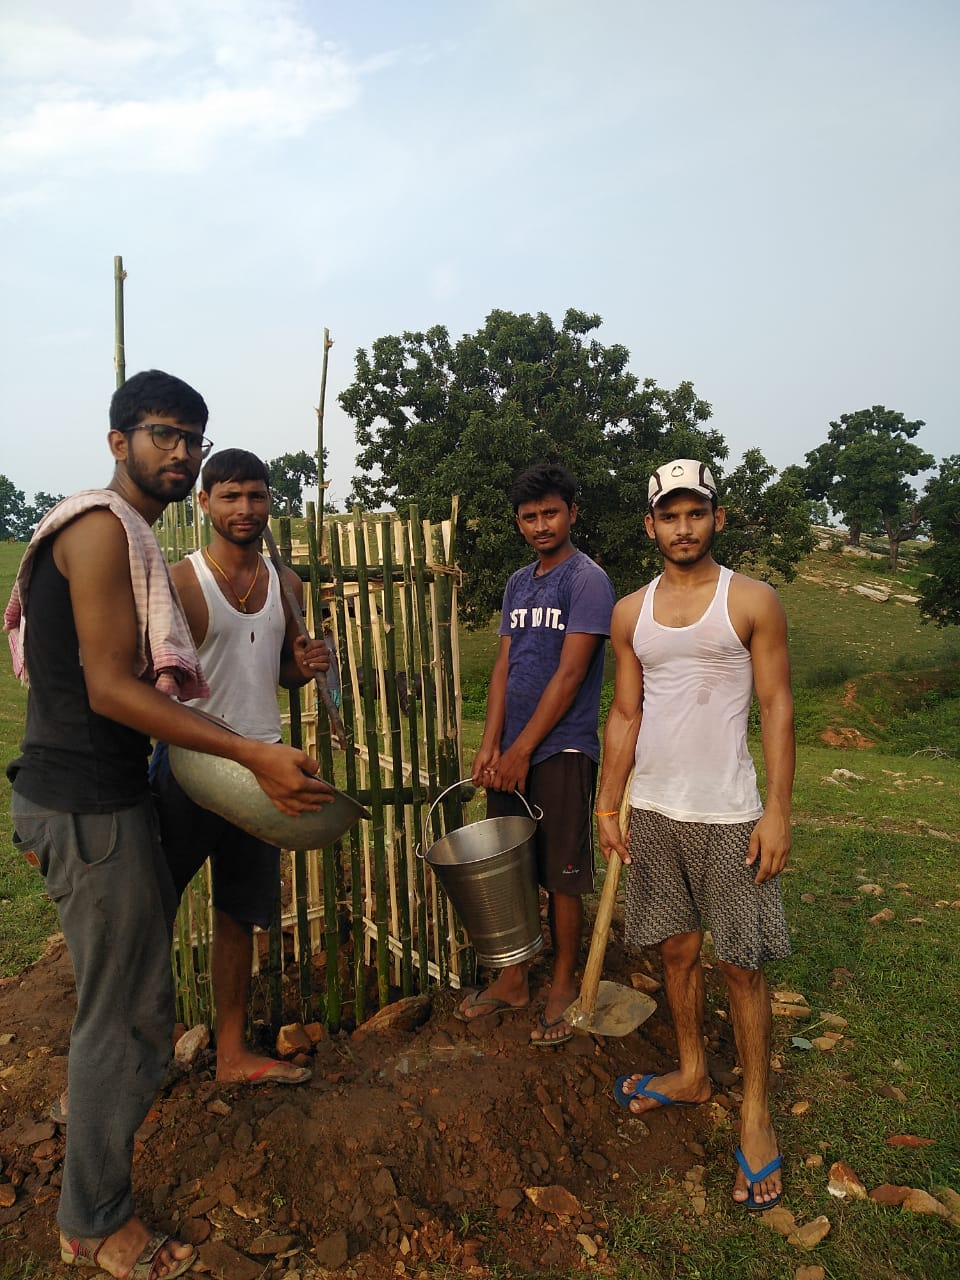 अपना गांव स्वच्छ गांव : पर्यावरण सुरक्षा के लिए नव युवकों ने लगाए पौधे